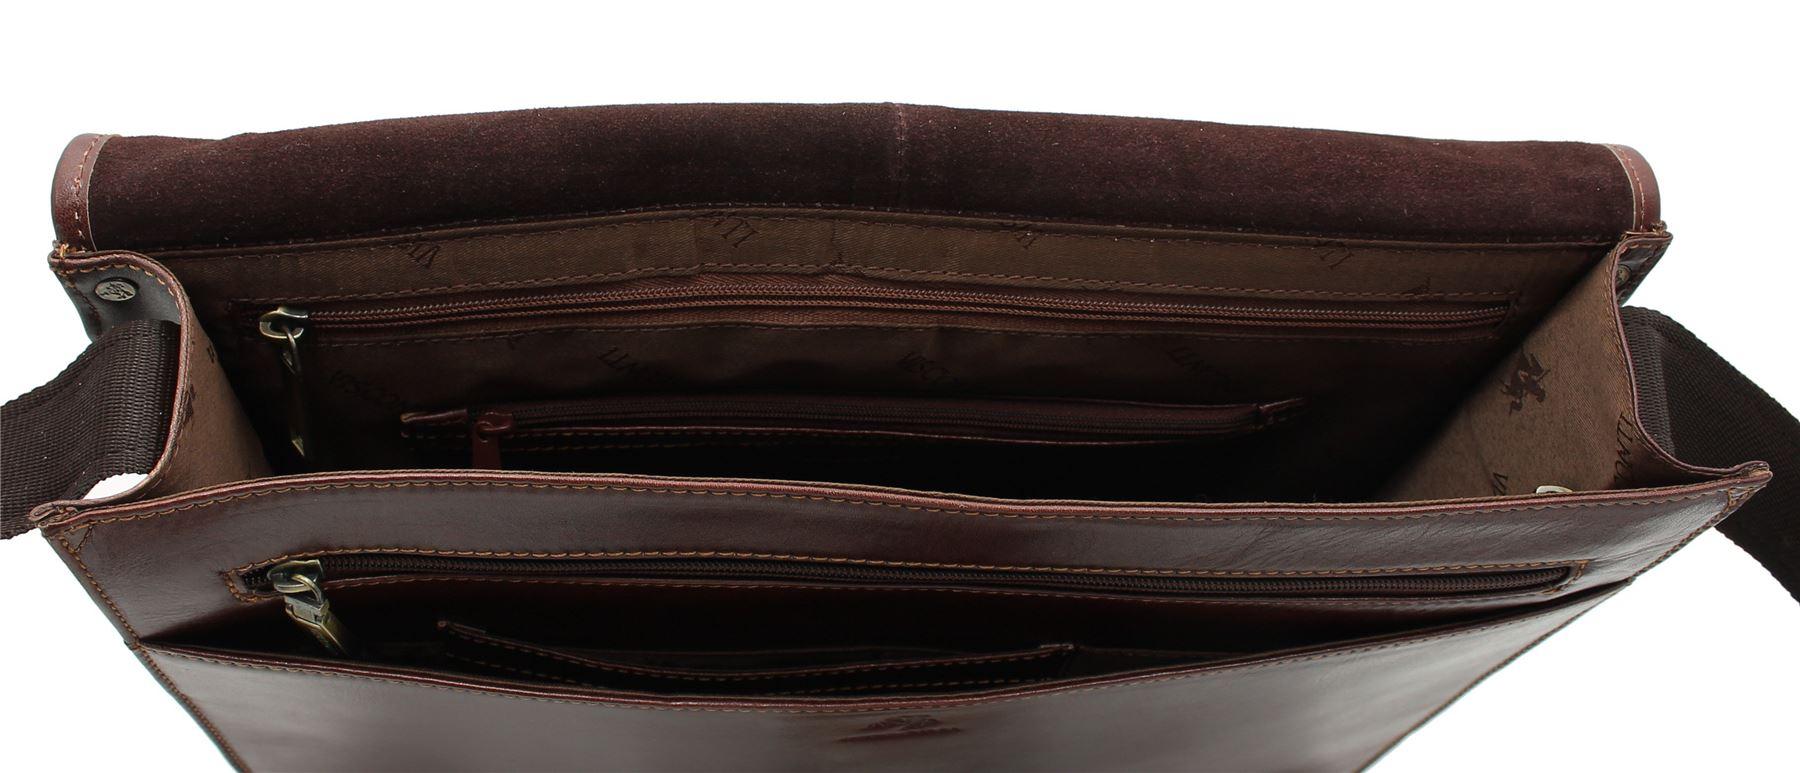 fd33c8d0b0a Visconti-Aldo-Vintage-Tan-Leather-Briefcase-VT7 thumbnail 3